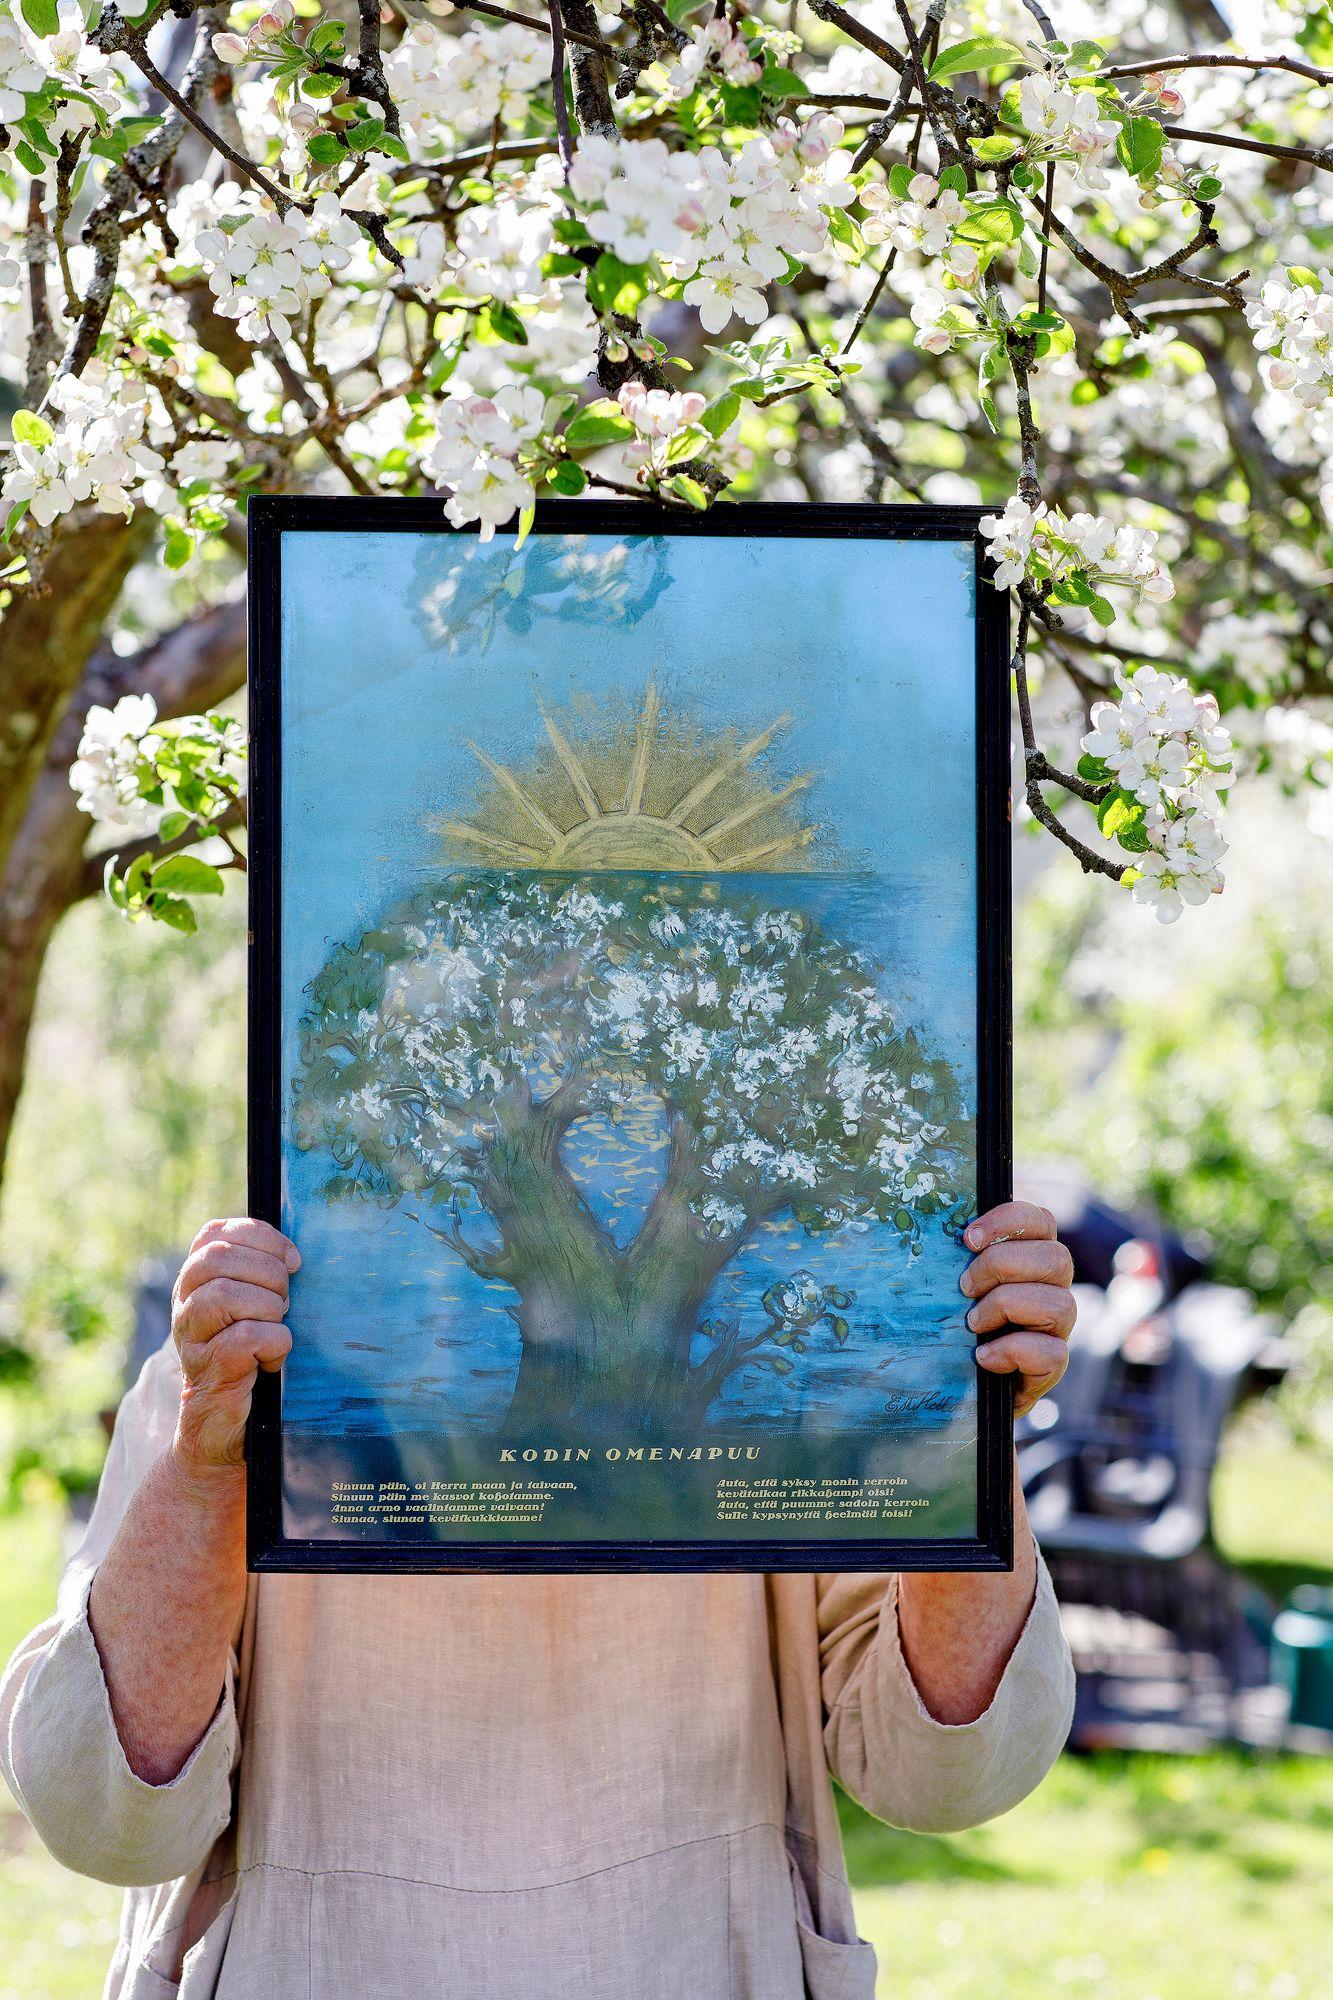 Omenapuun taimen saaneet säynätsalolaiset työläiset saivat seinälleen myös Kodin omenapuu -taulun. © Hanna-Kaisa Hämäläinen